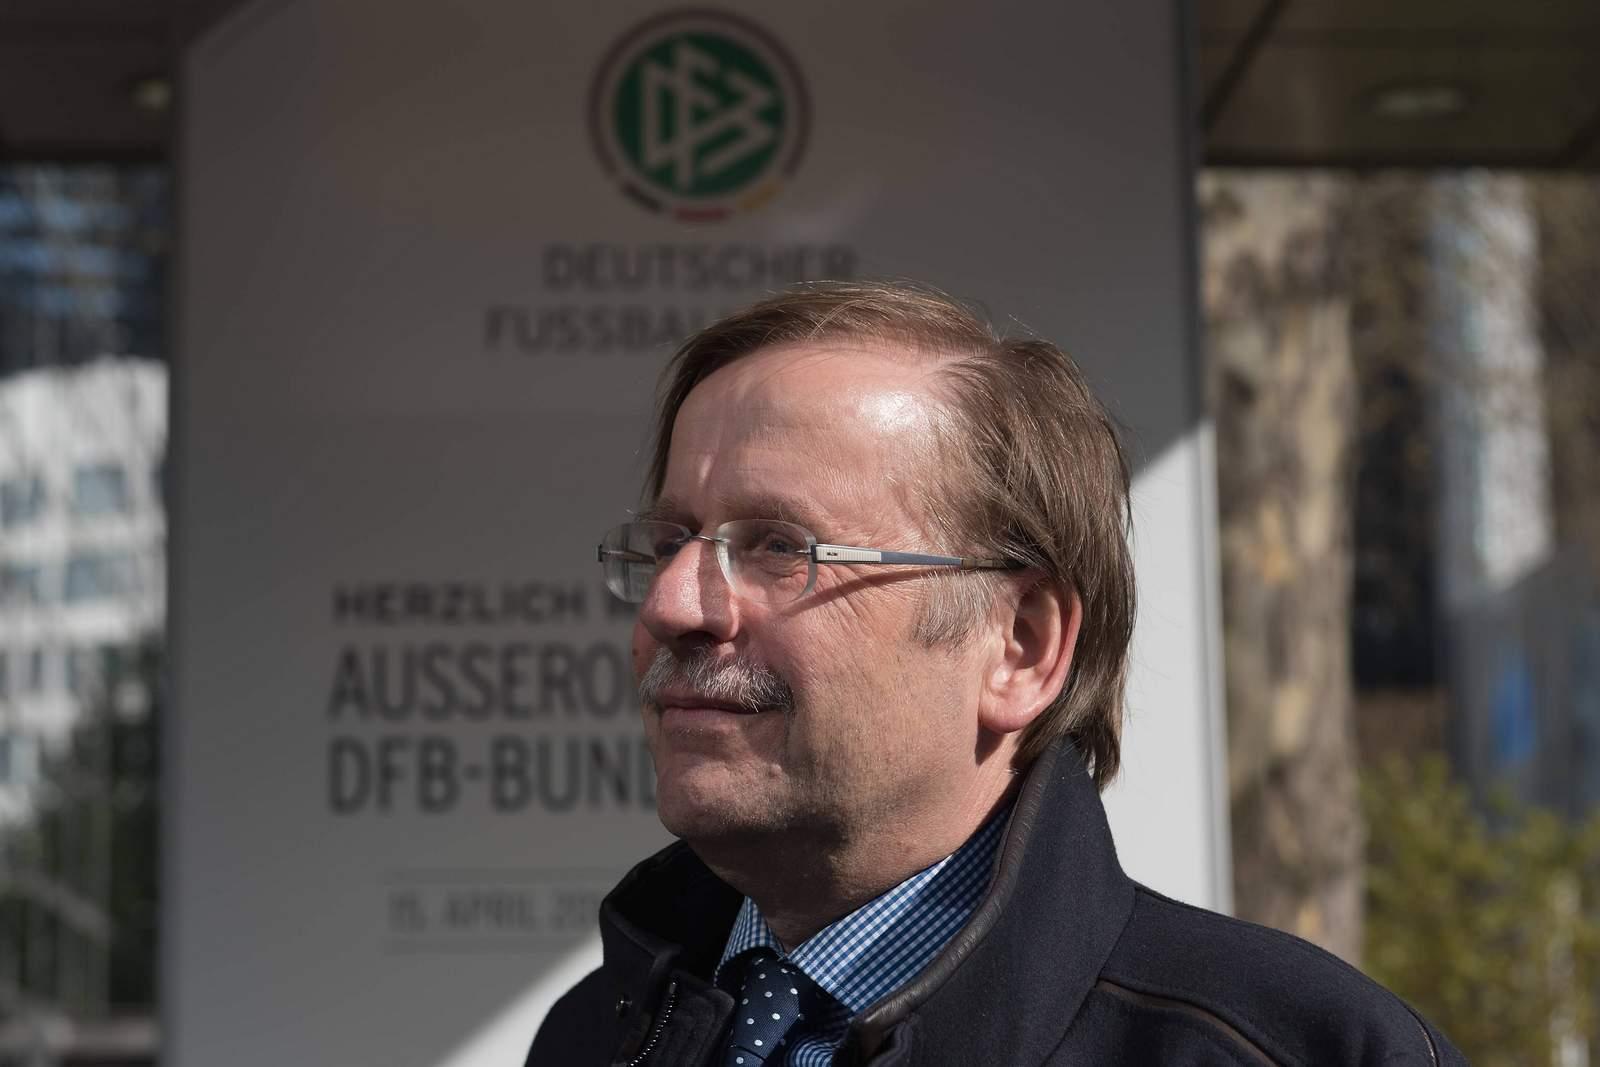 Auf der Suche nach Lösungen: DFB-Vizepräsident Rainer Koch